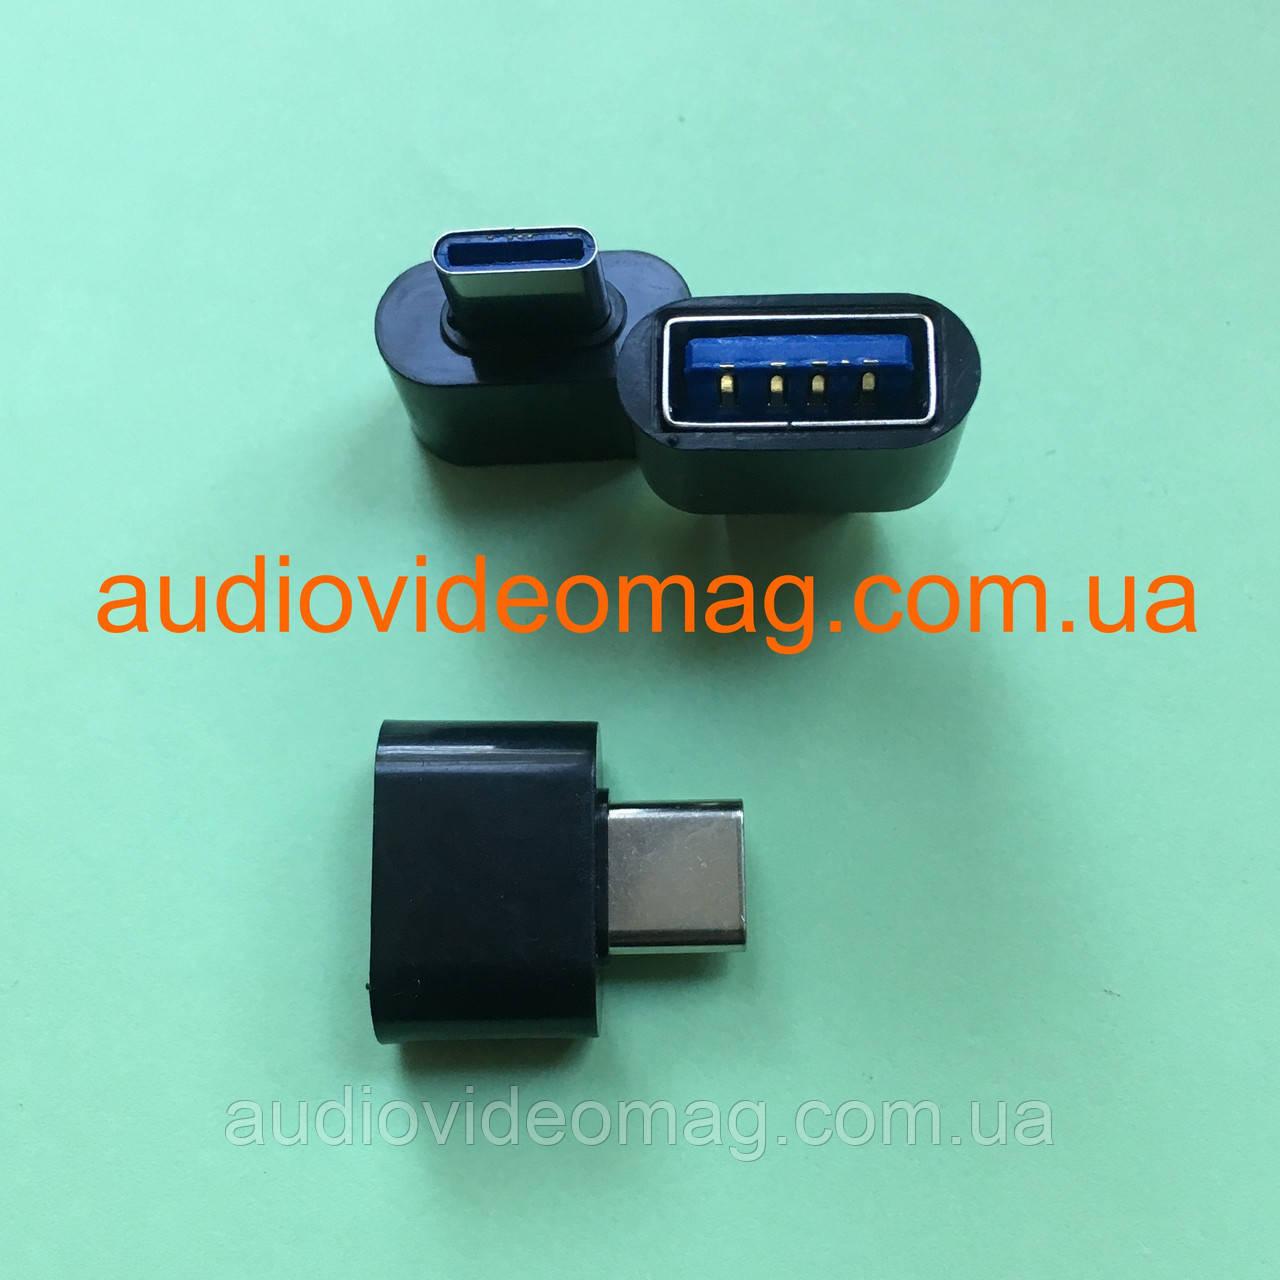 Переходник OTG гнездо USB на USB type-C (тип С)